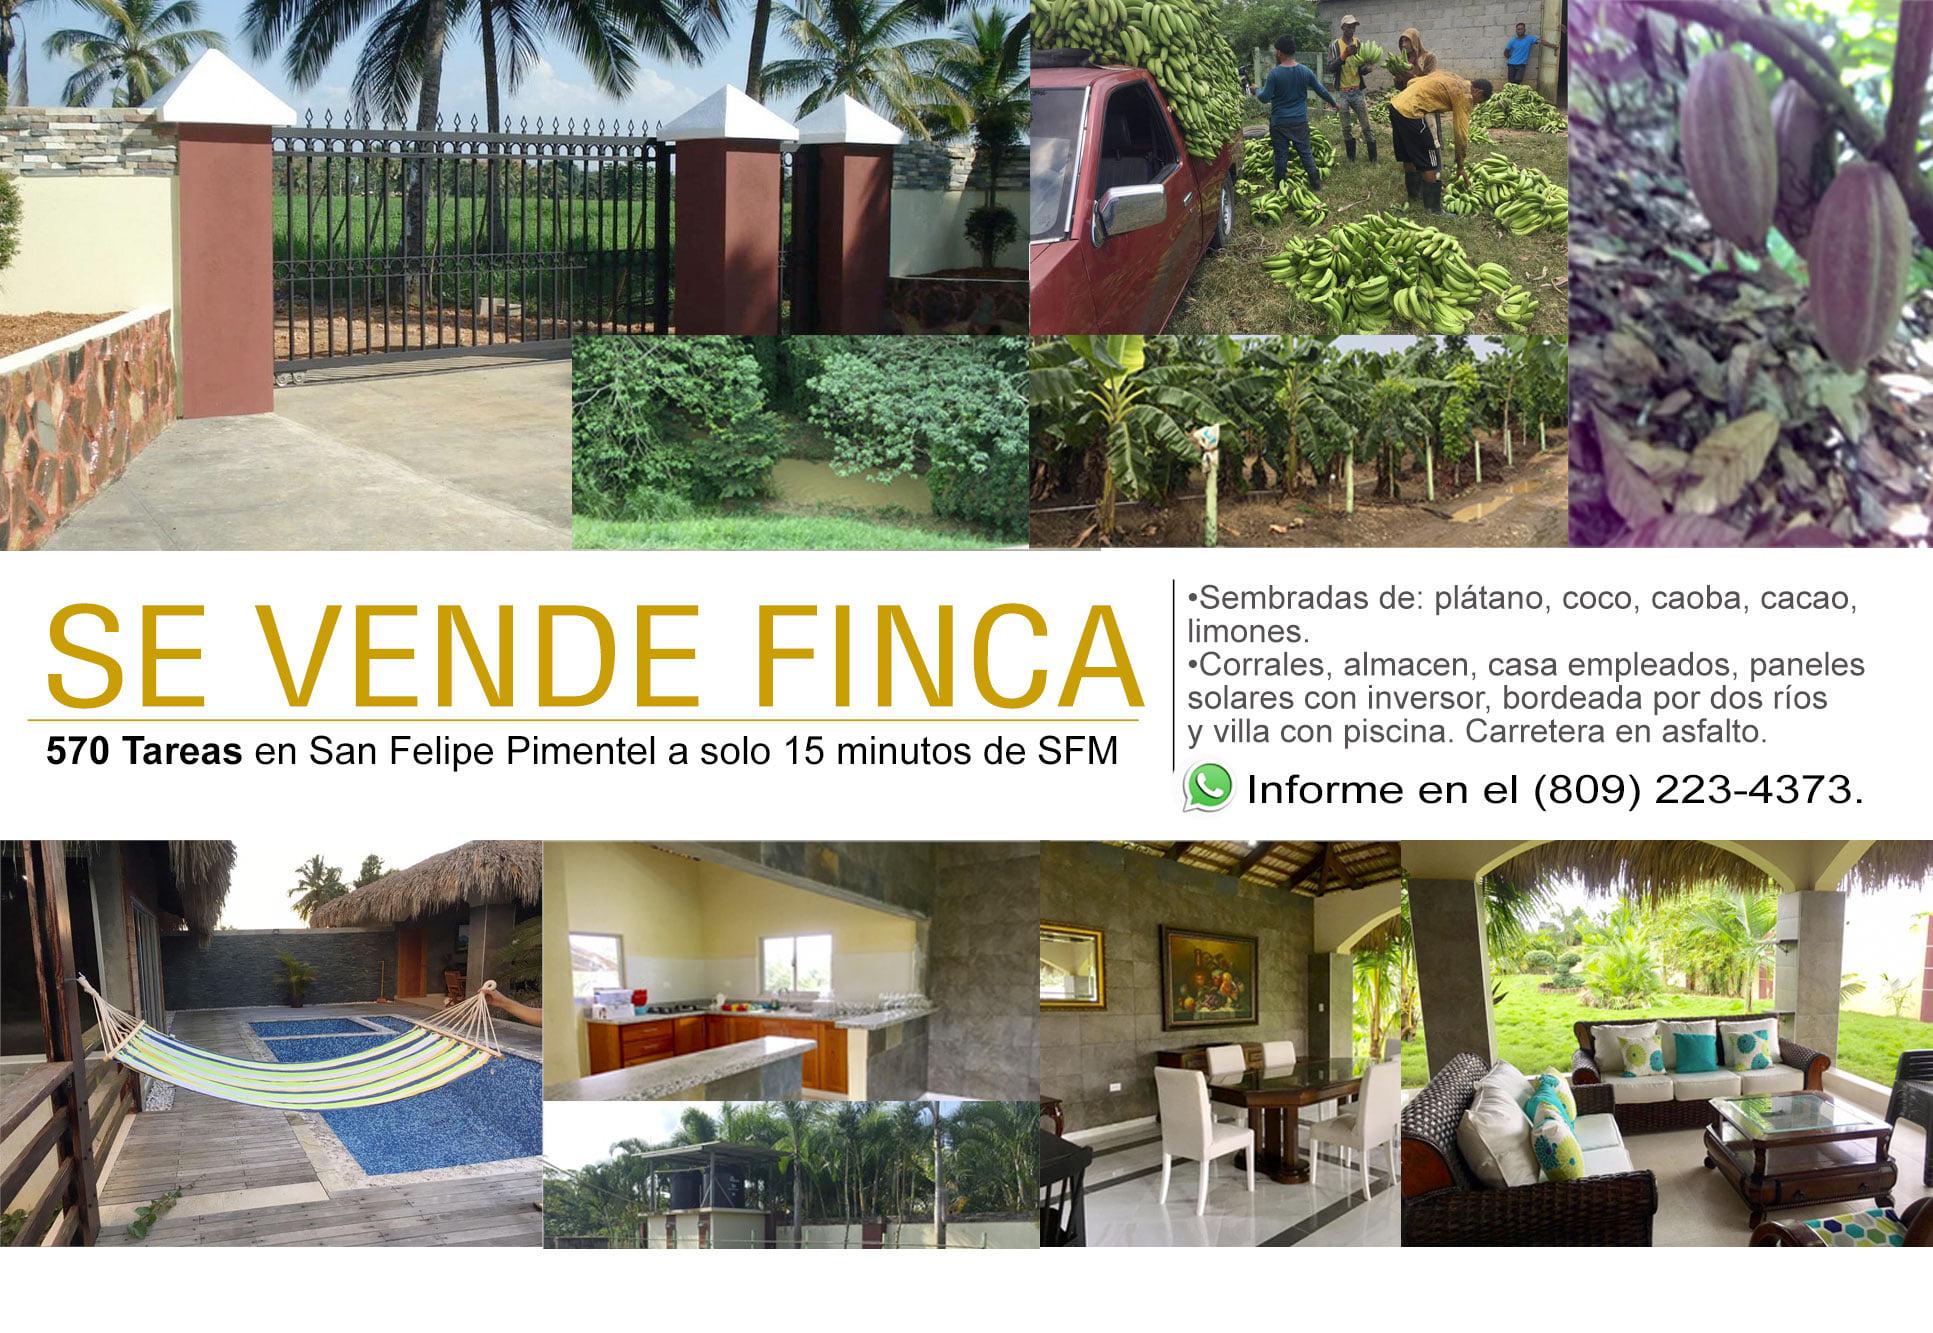 Se vende finca con gran vocación agrícola, se encuentra en una de las zonas de mayor producción como es la comunidad de San Felipe de Pimentel, en la Provincia Duarte, con vías de fácil acceso.